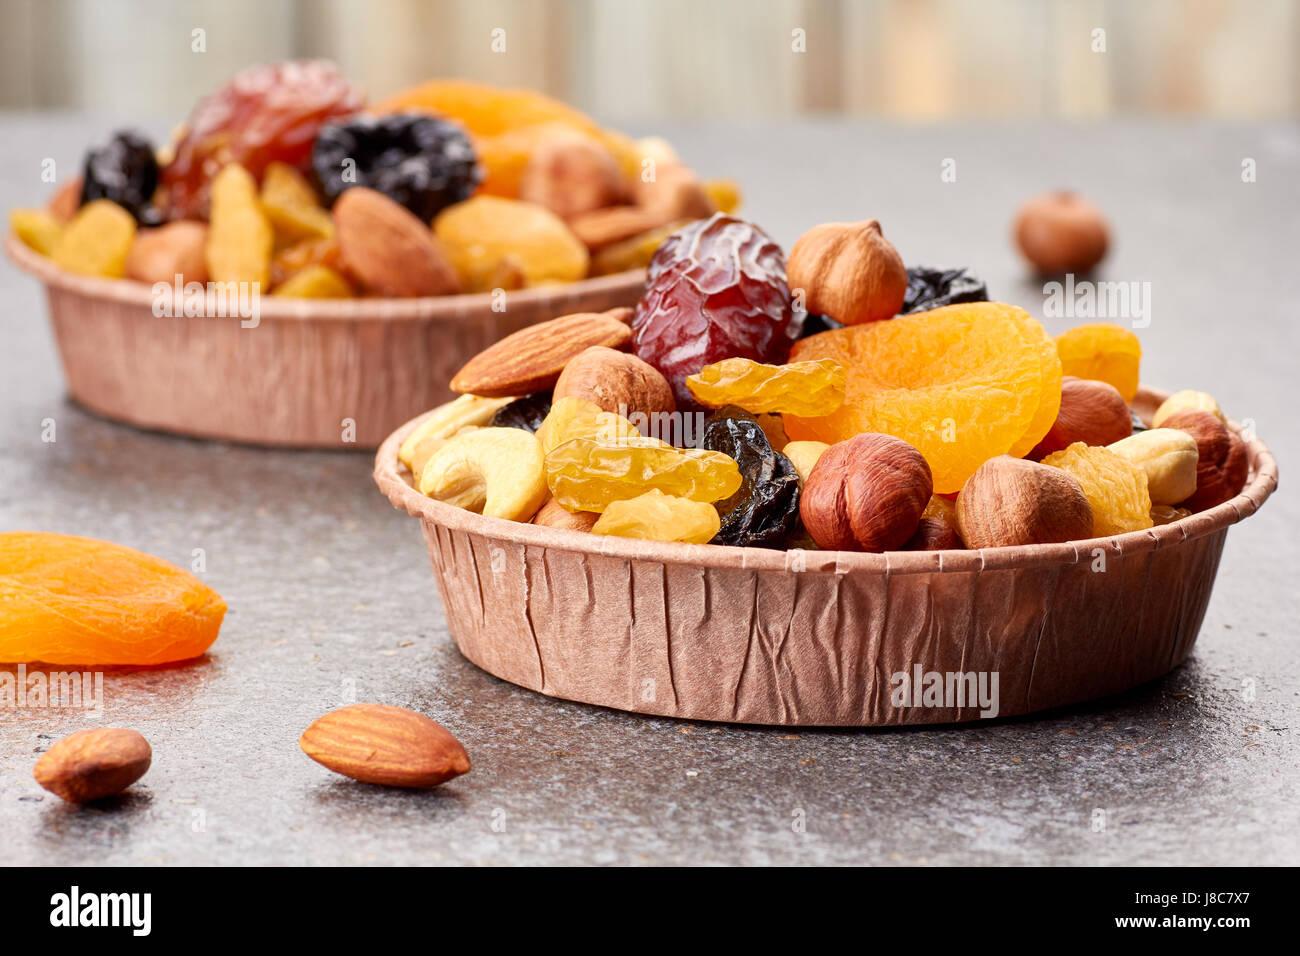 Papierformulare mit Mischung aus Trockenfrüchten und Nüssen über Stein Hintergrund Stockbild